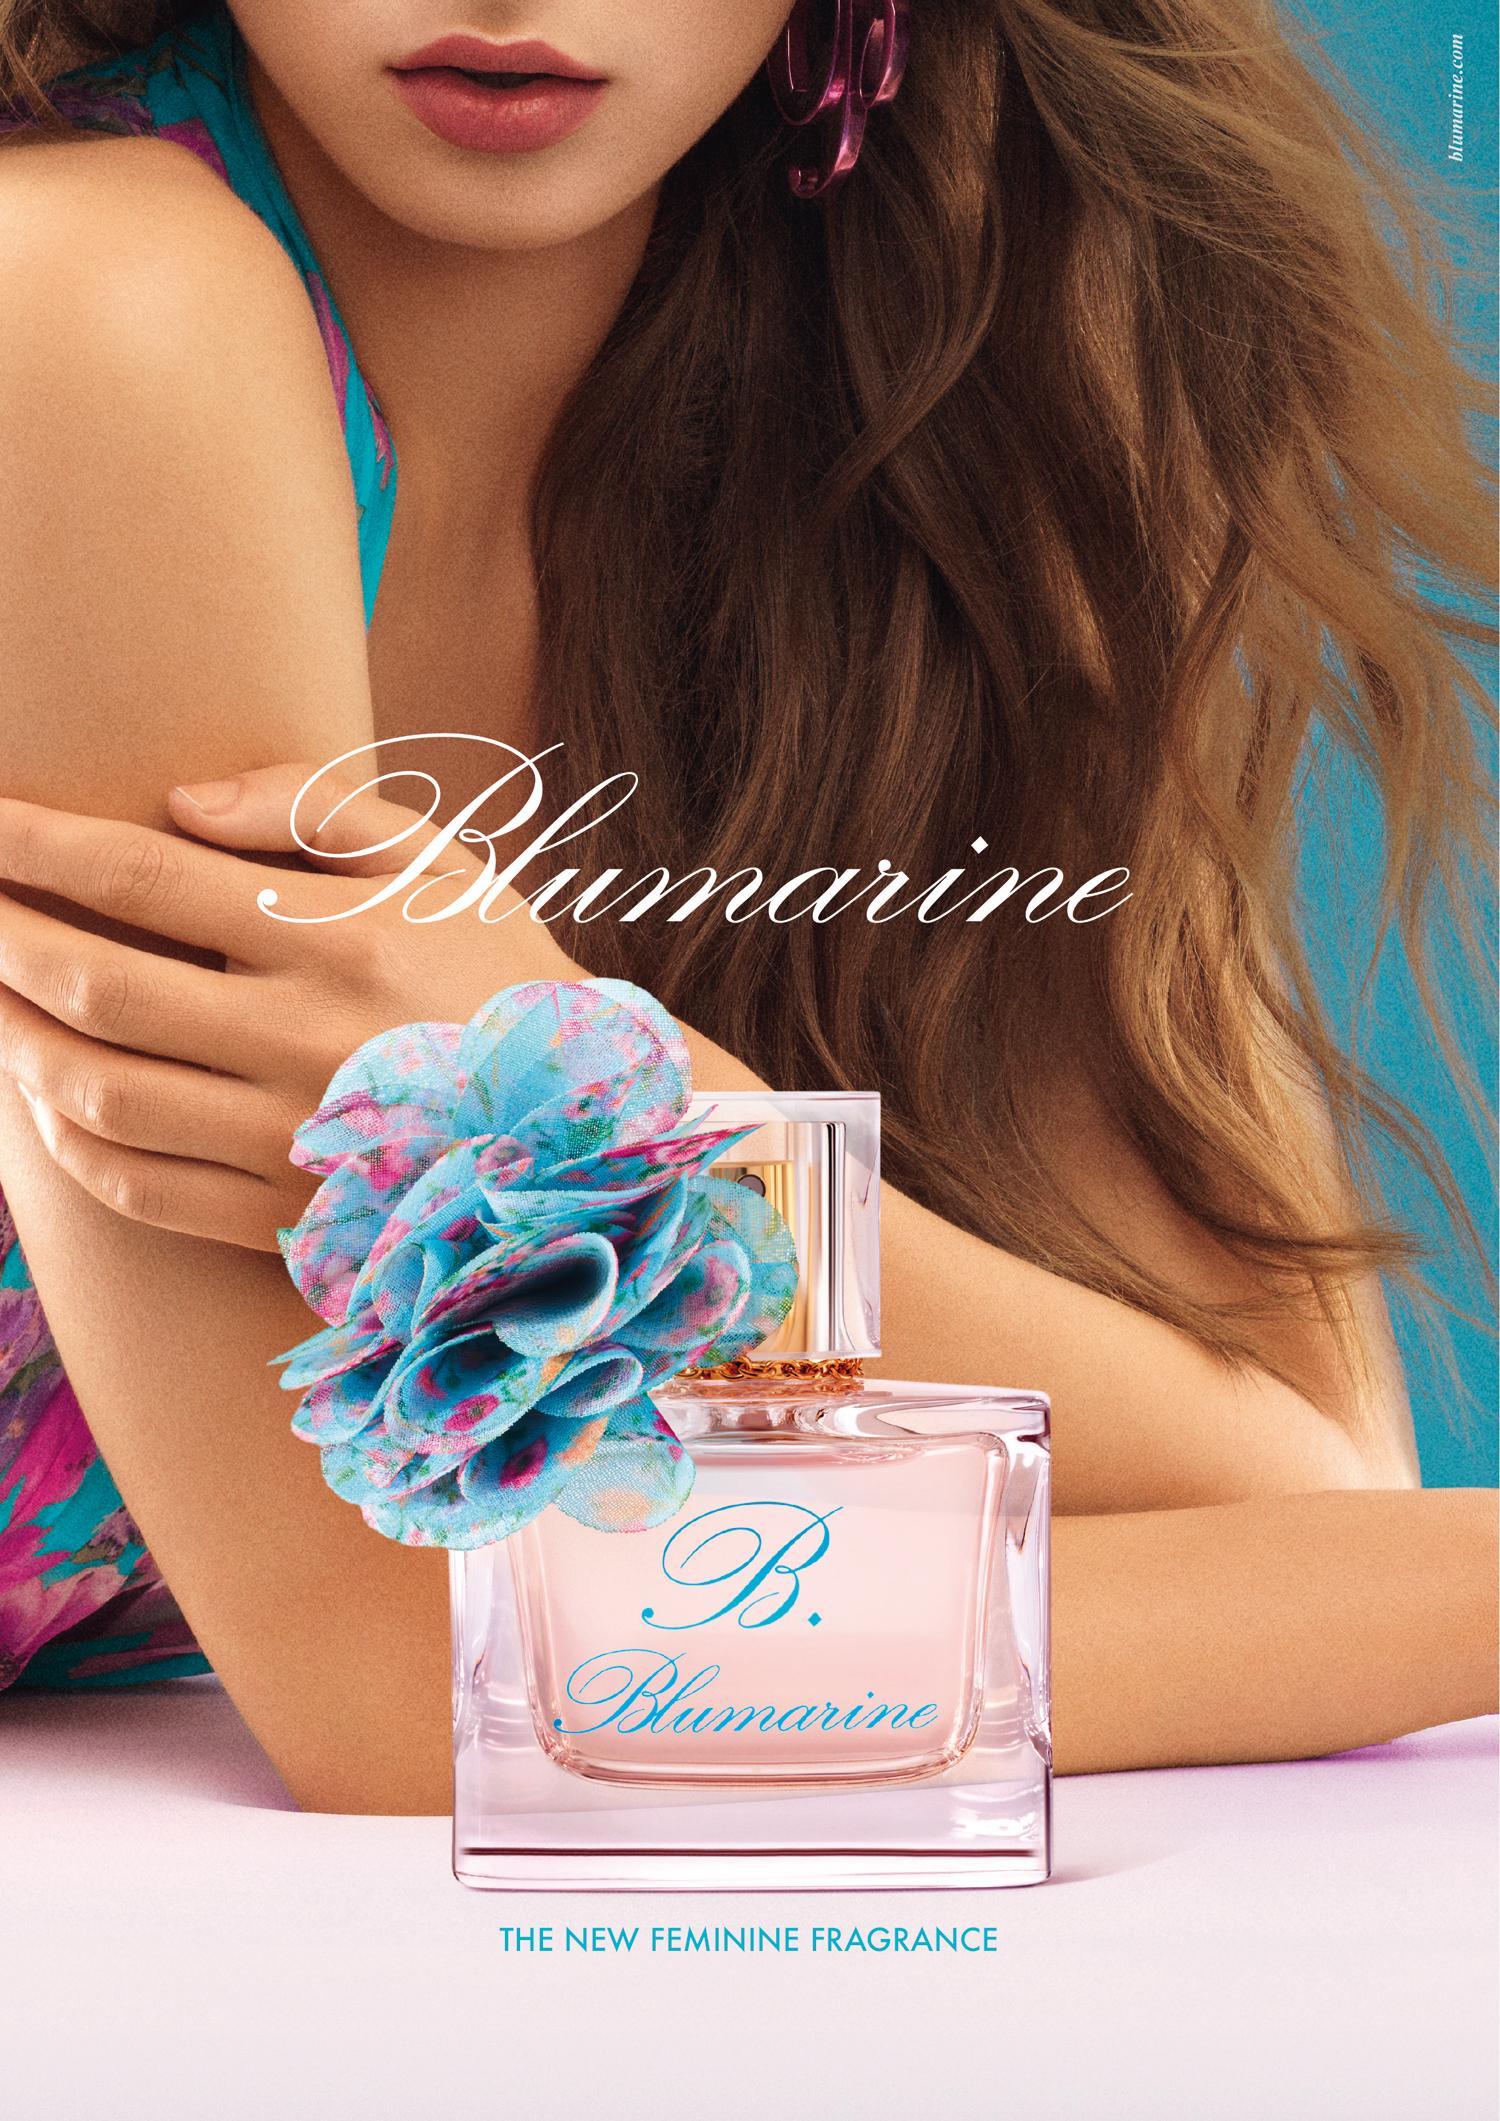 B.BLUMARINE